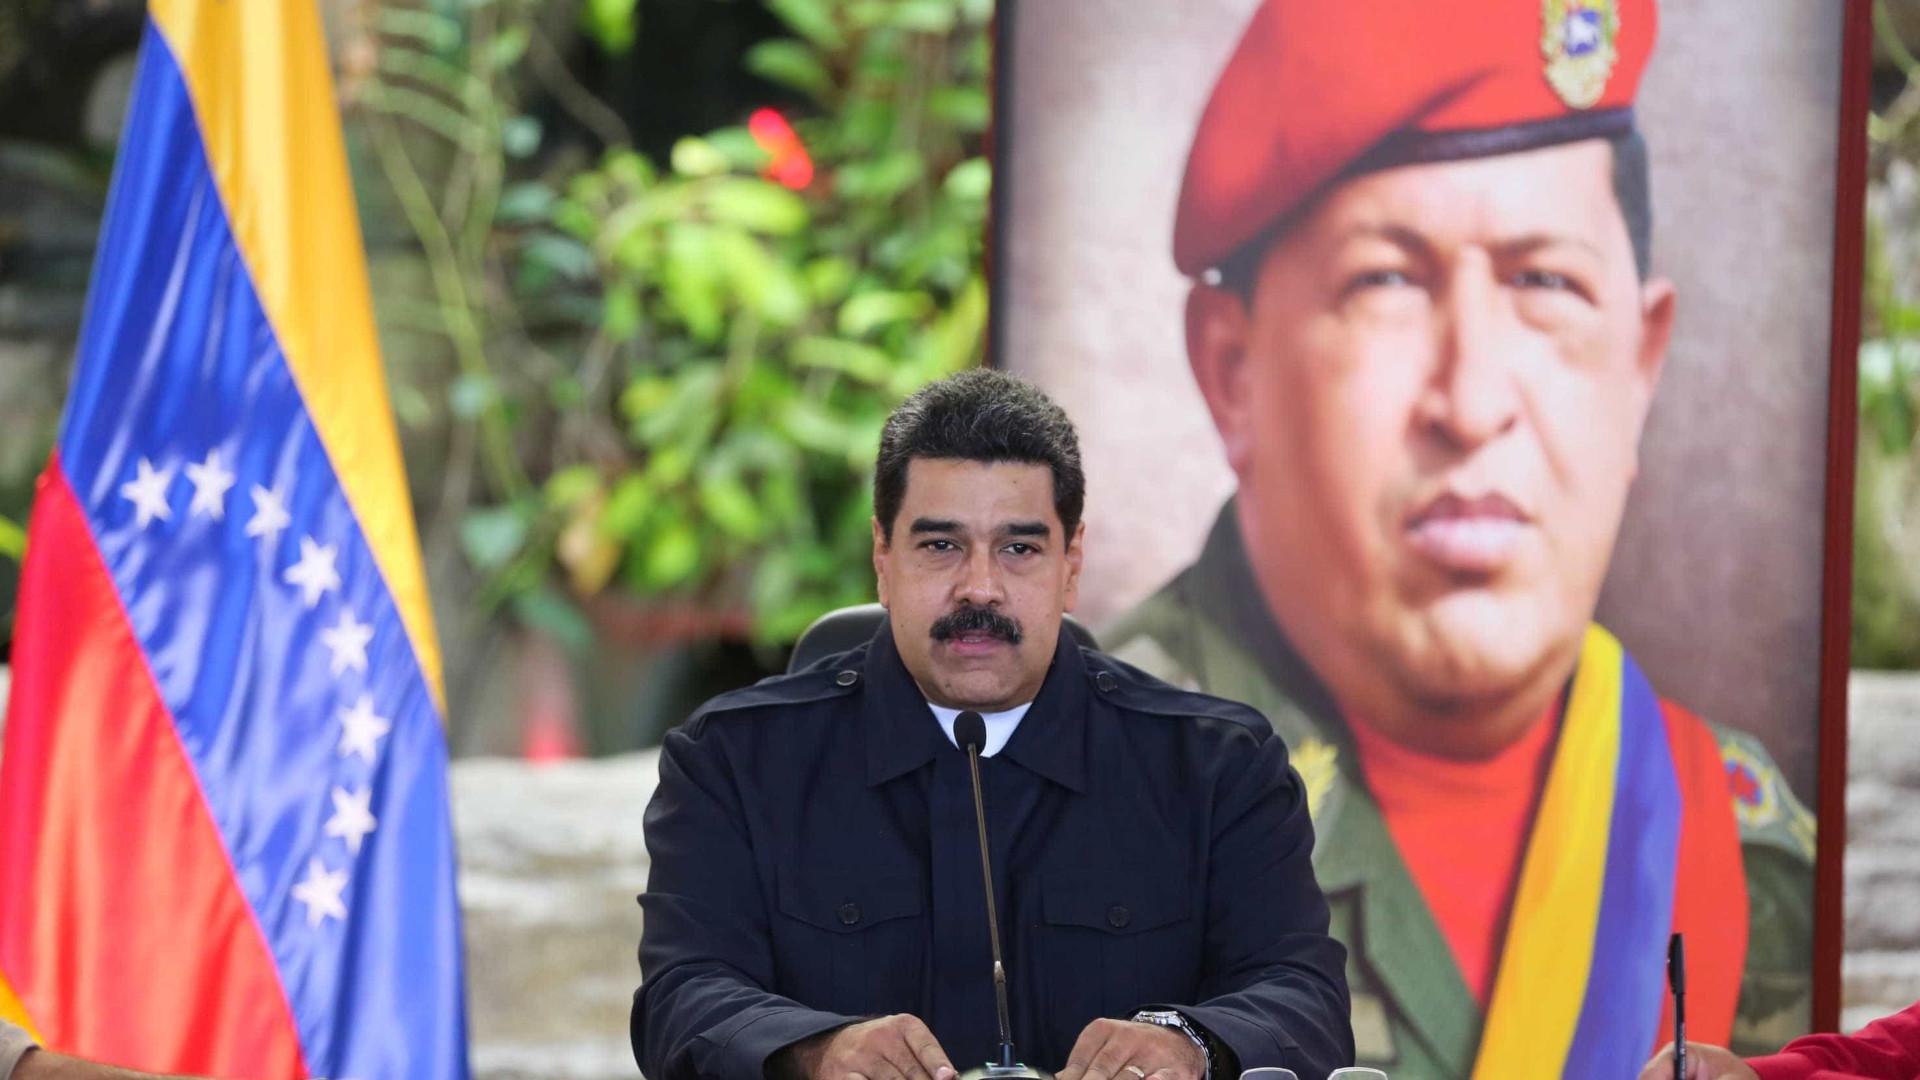 Maduro afirma que não abandonou  cargo e que é alvo de golpe